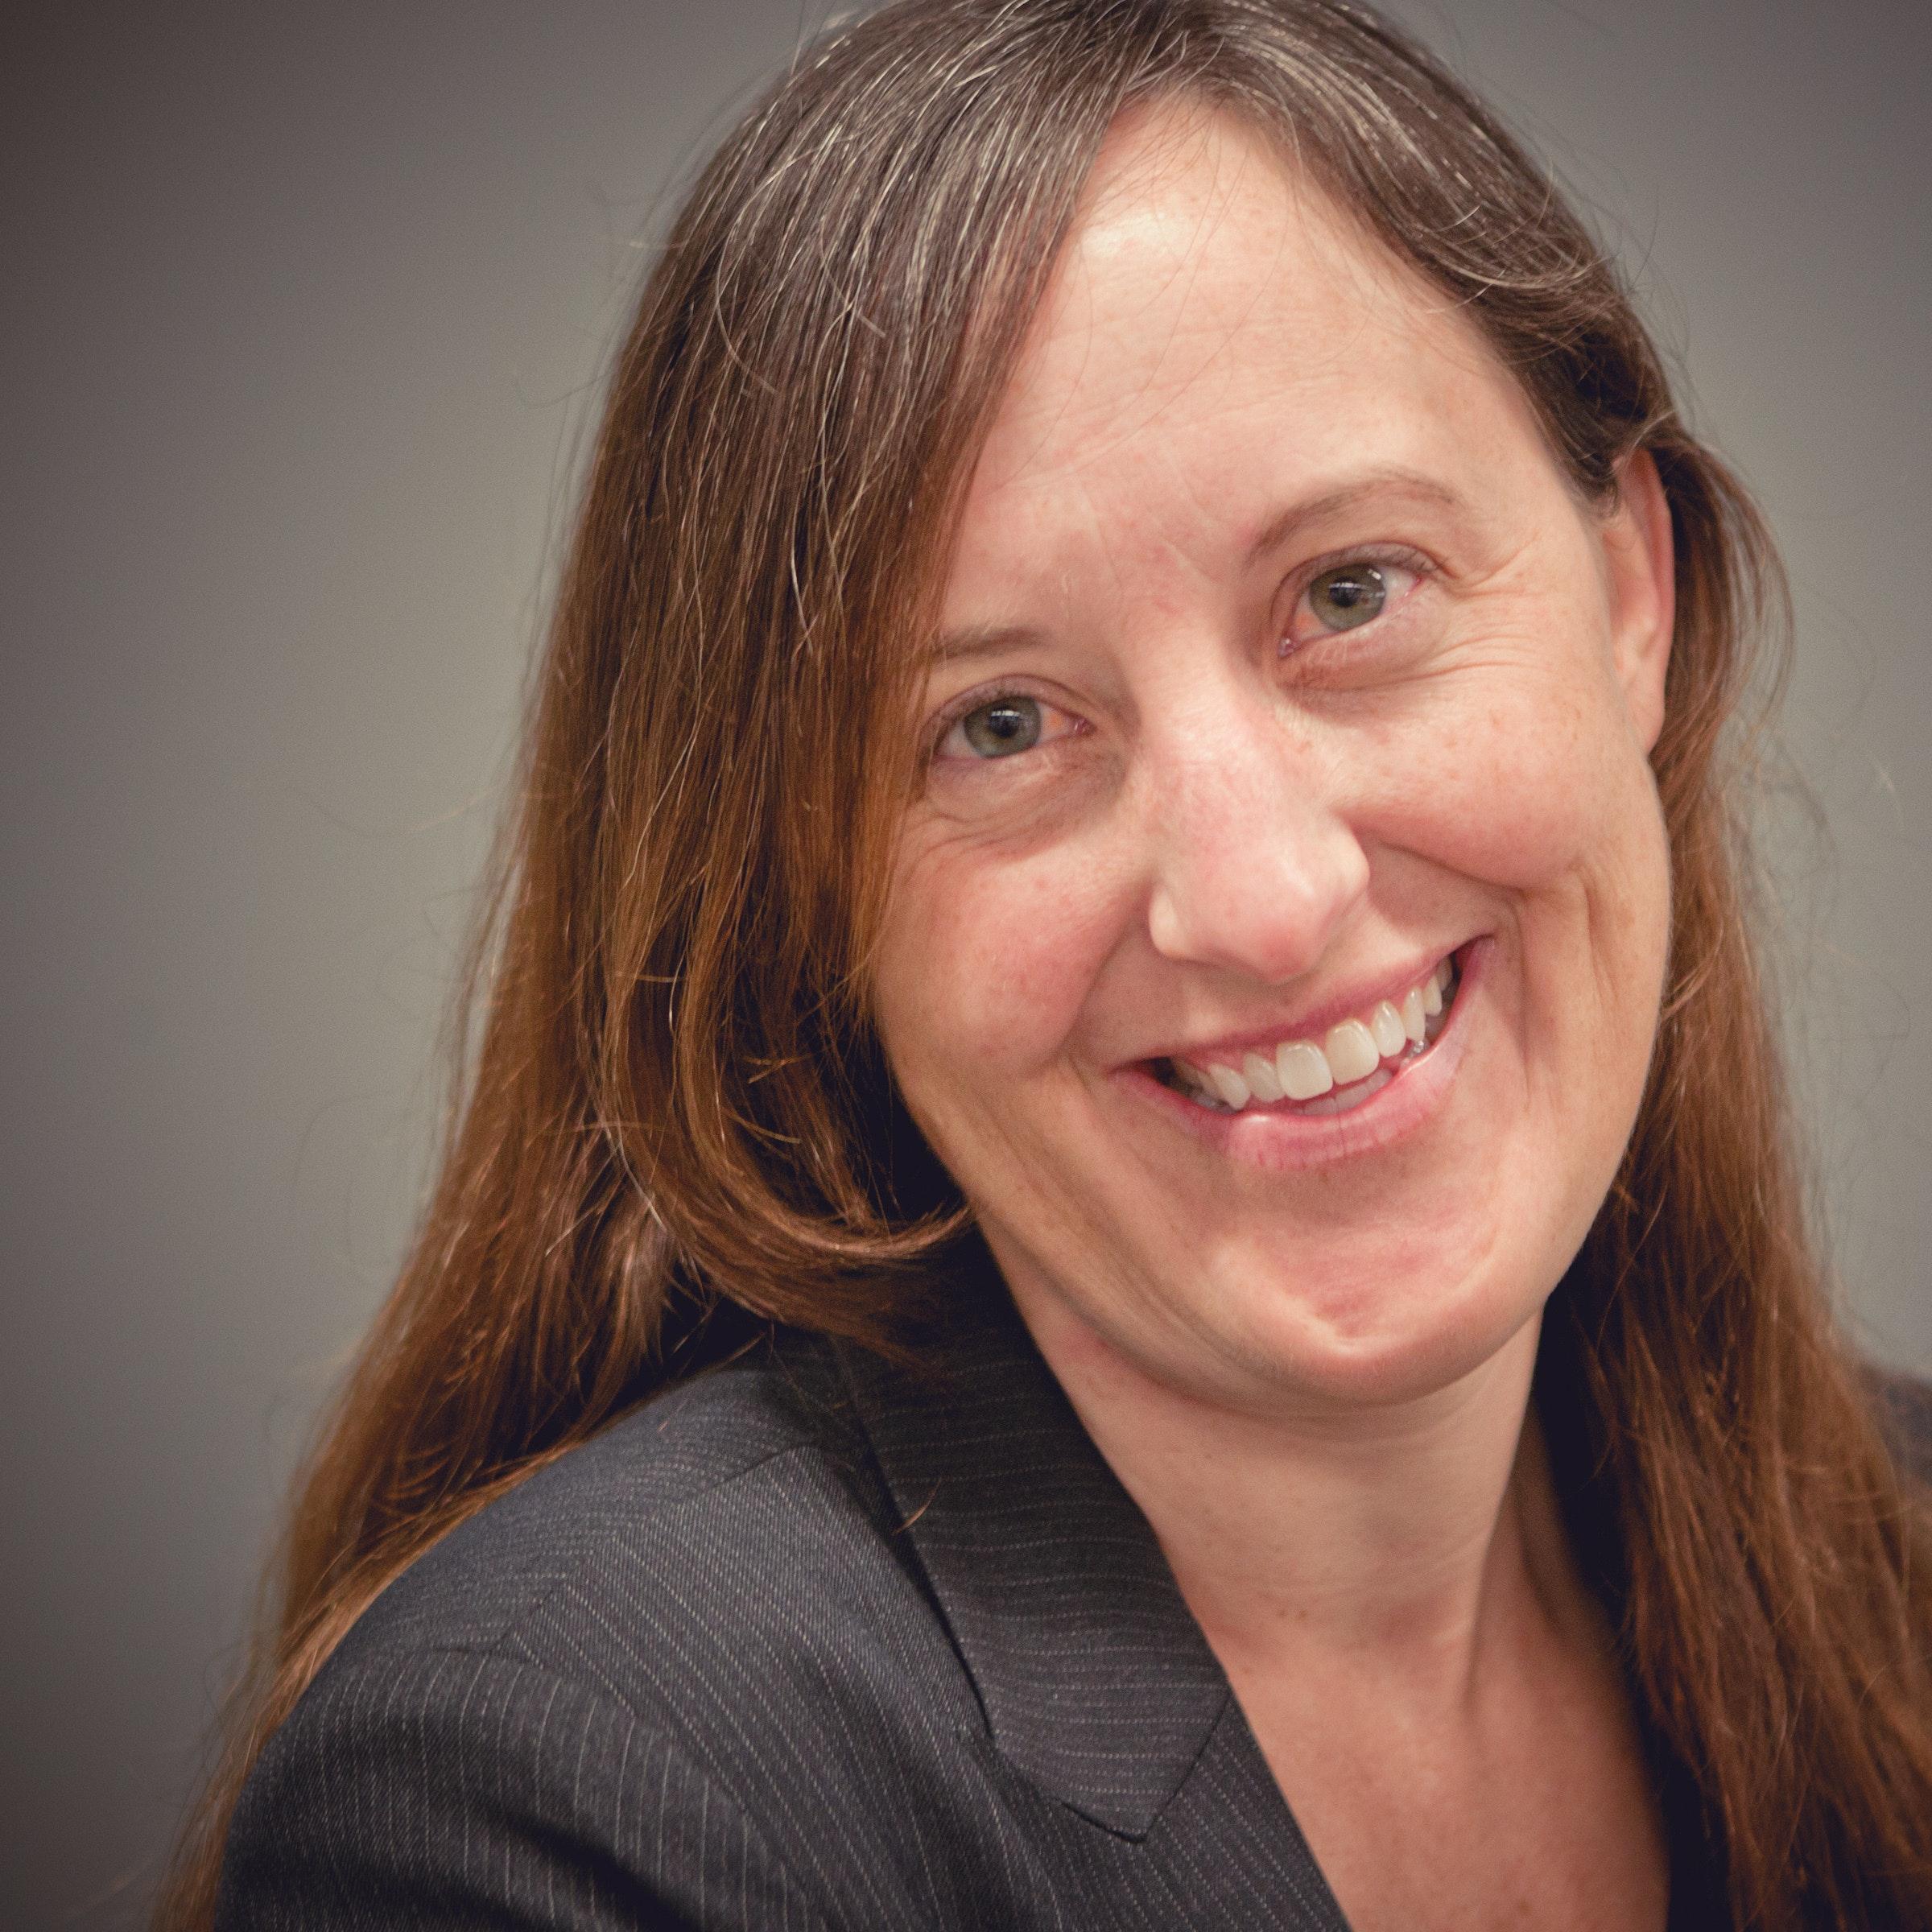 Denise Mendelssohn